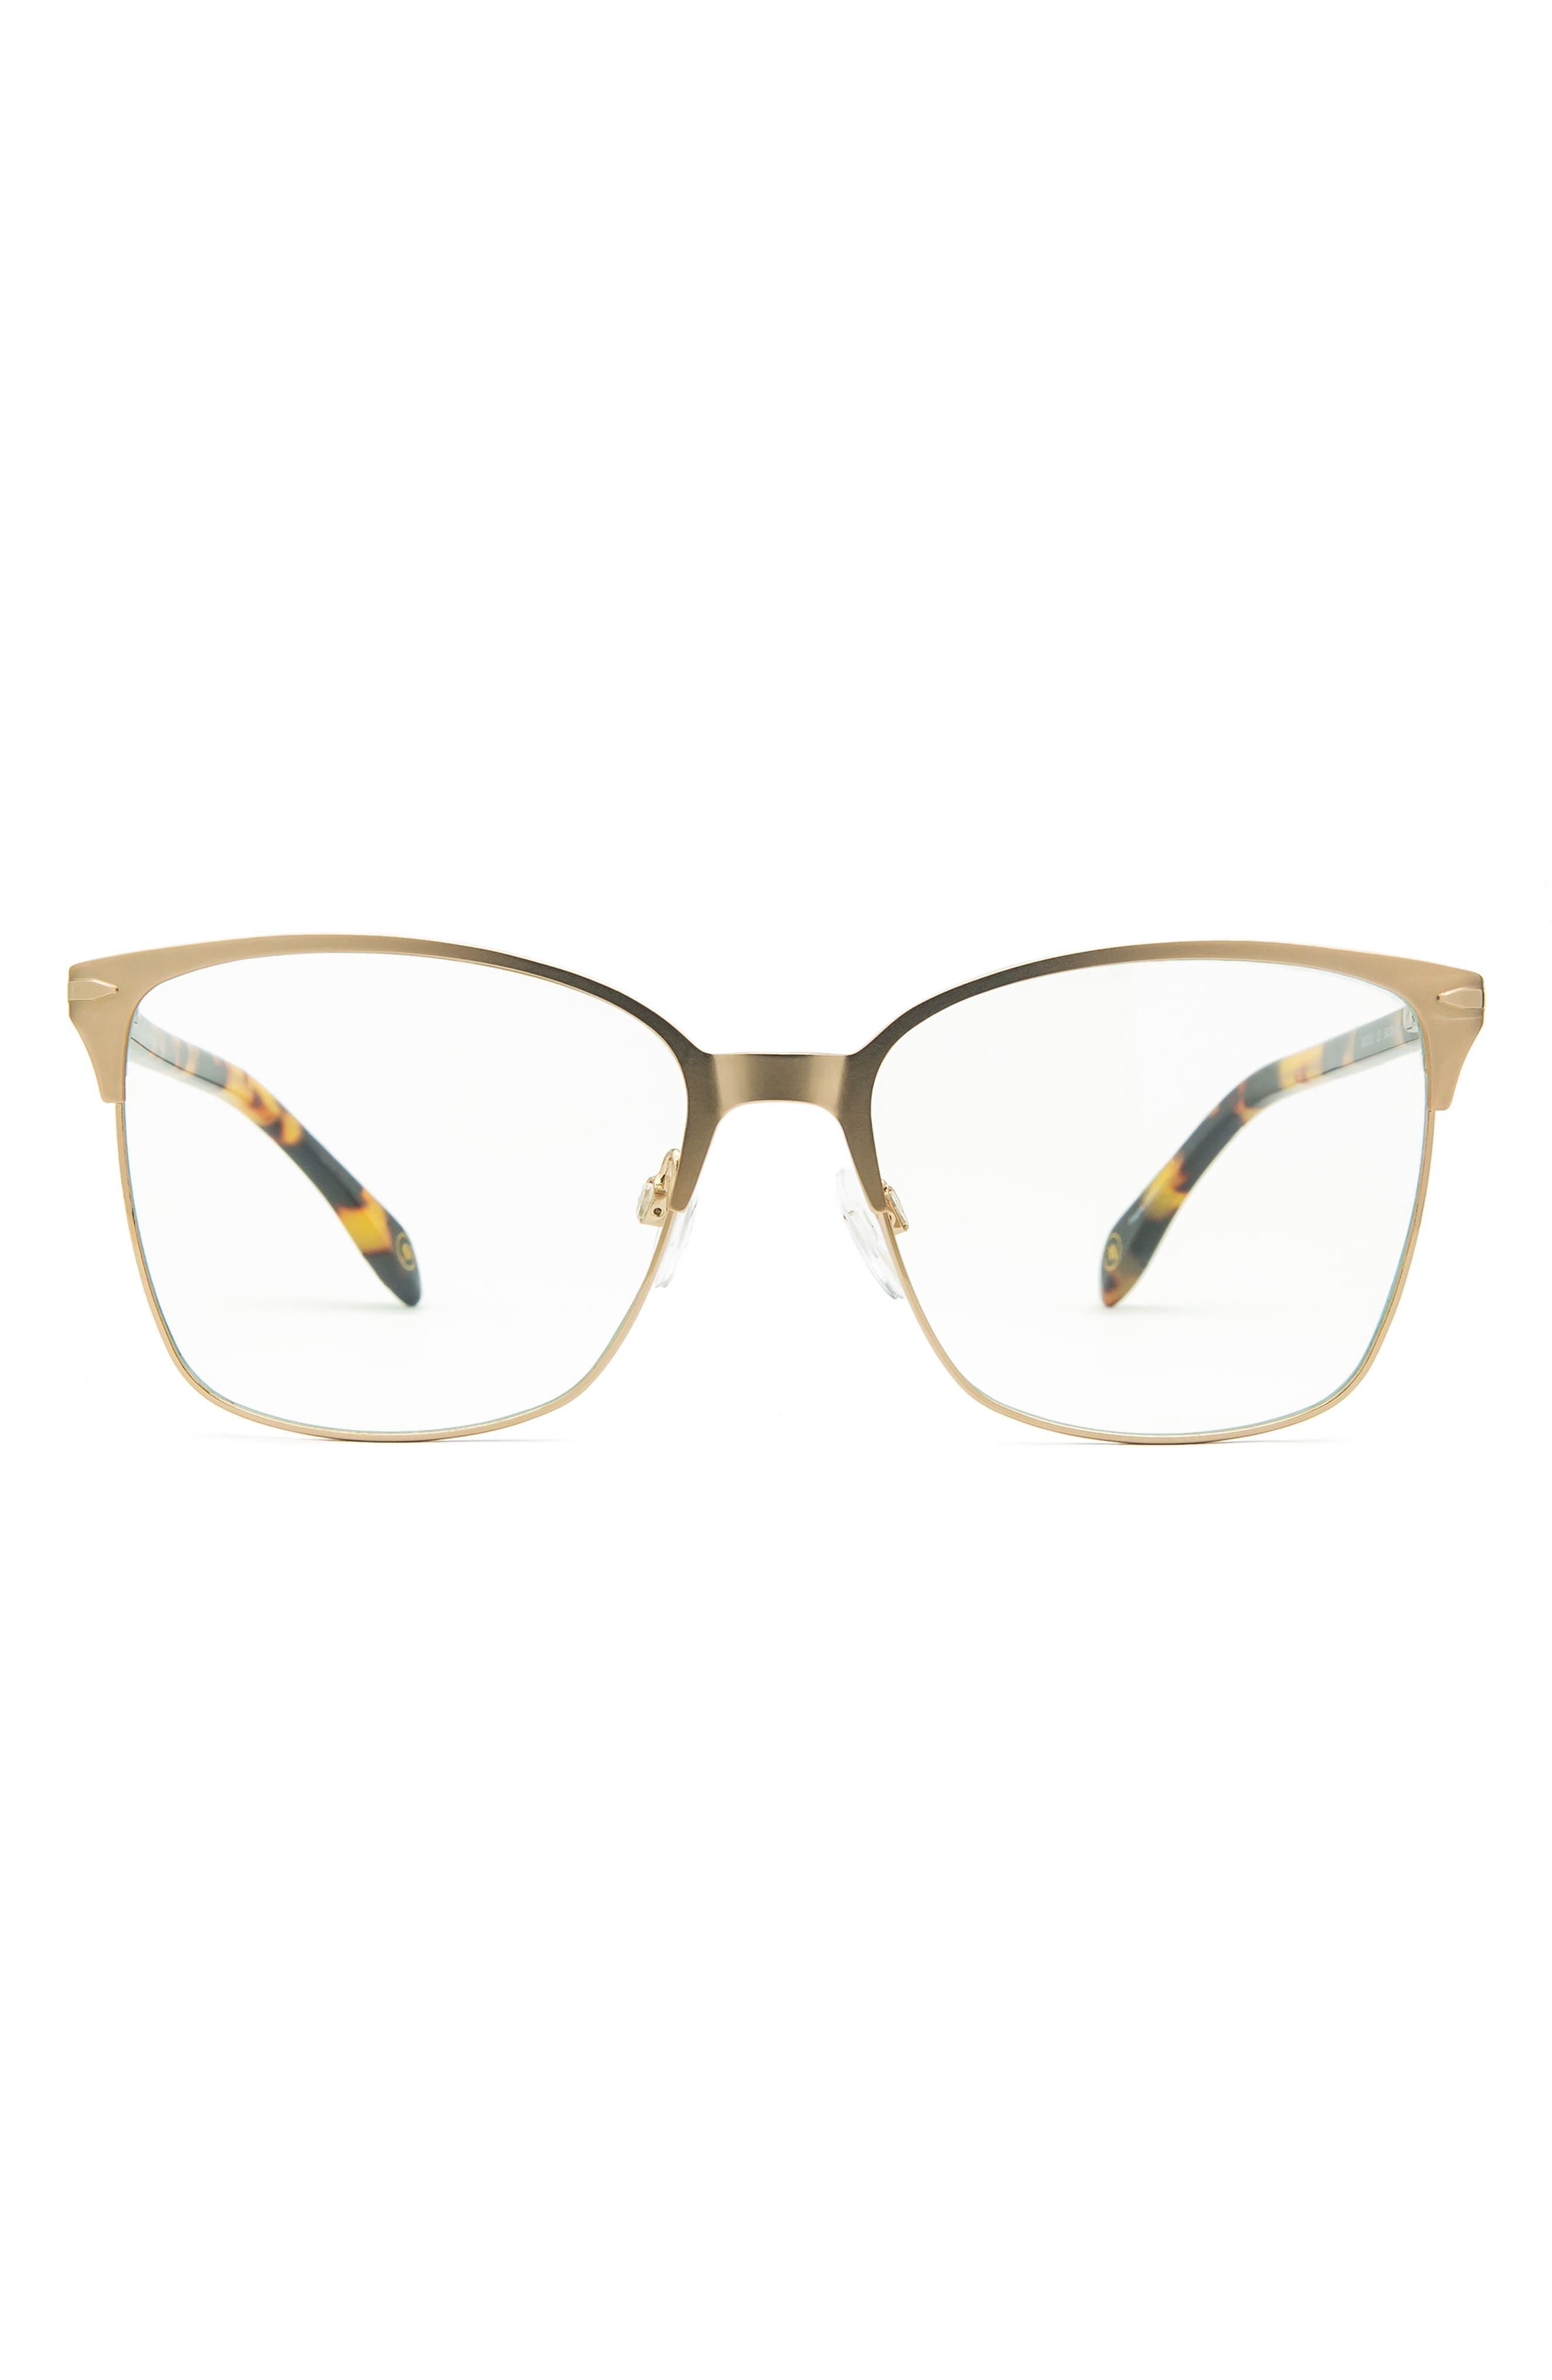 54mm Cat Eye Blue Light Blocking Glasses